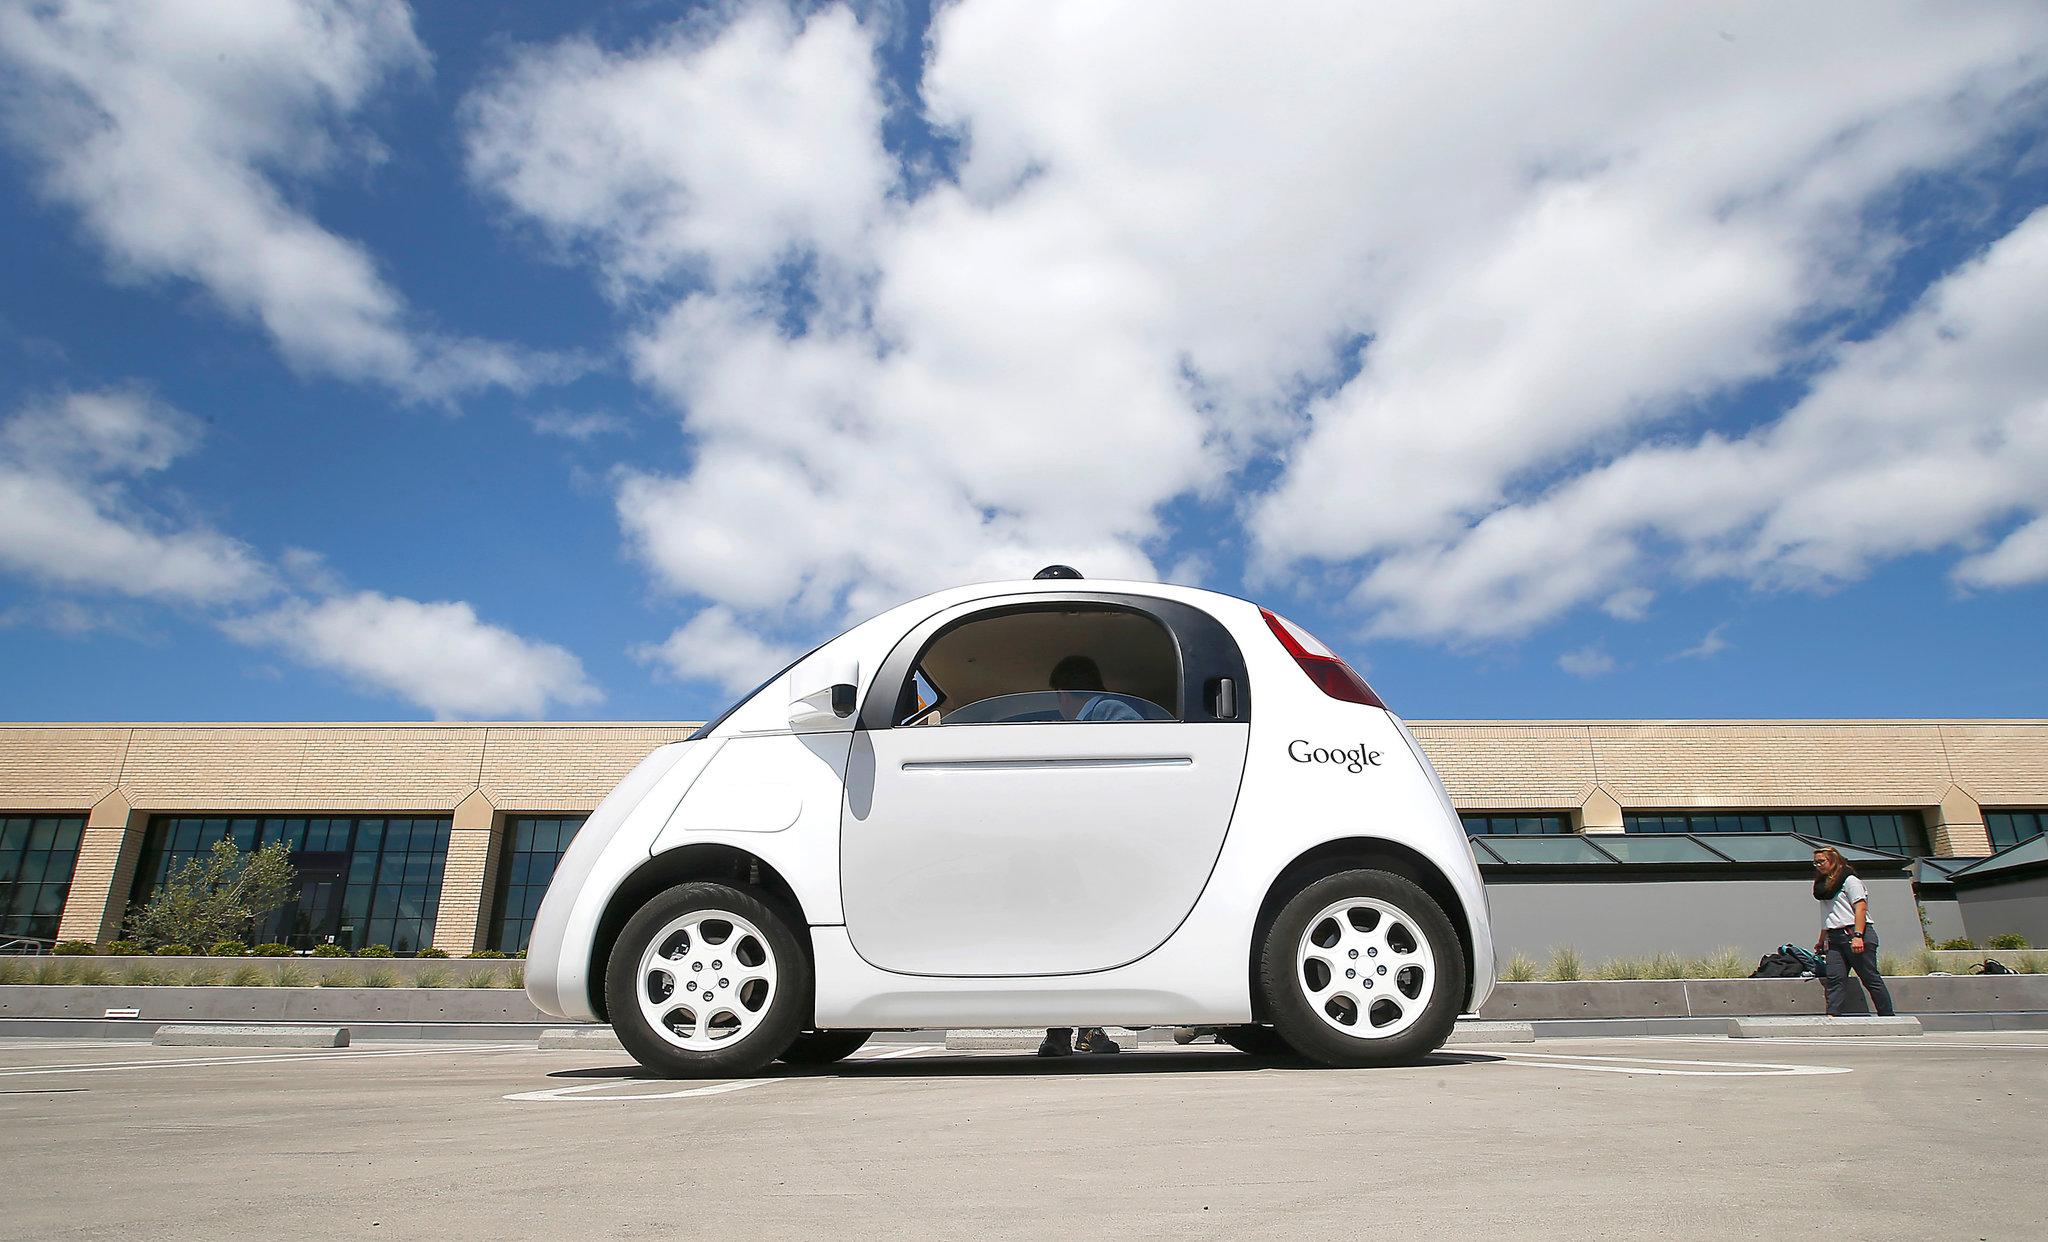 无人驾驶车推向前台.   李彦宏建议,应从国家层面对无人驾驶高清图片